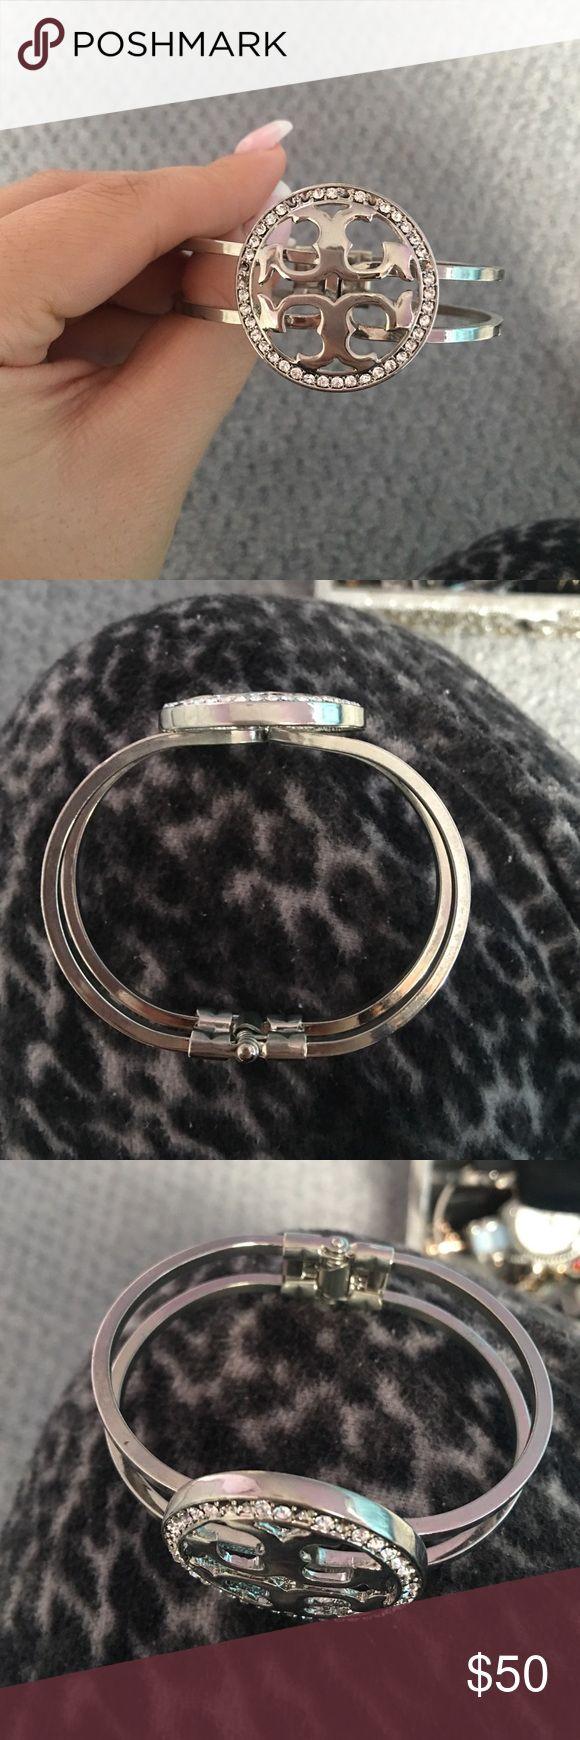 Authentic Tory Butch Bracelet Silver bracelet Tory Burch Jewelry Bracelets